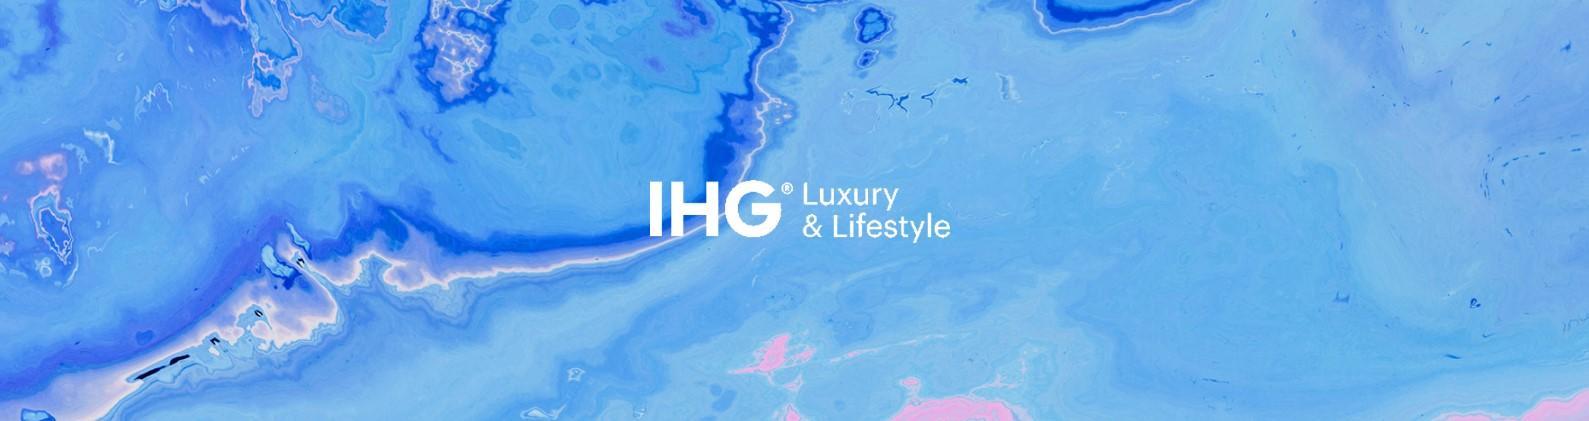 Бенефиты в отелях IHG при бронировании через Luxury & Lifestyle Collection